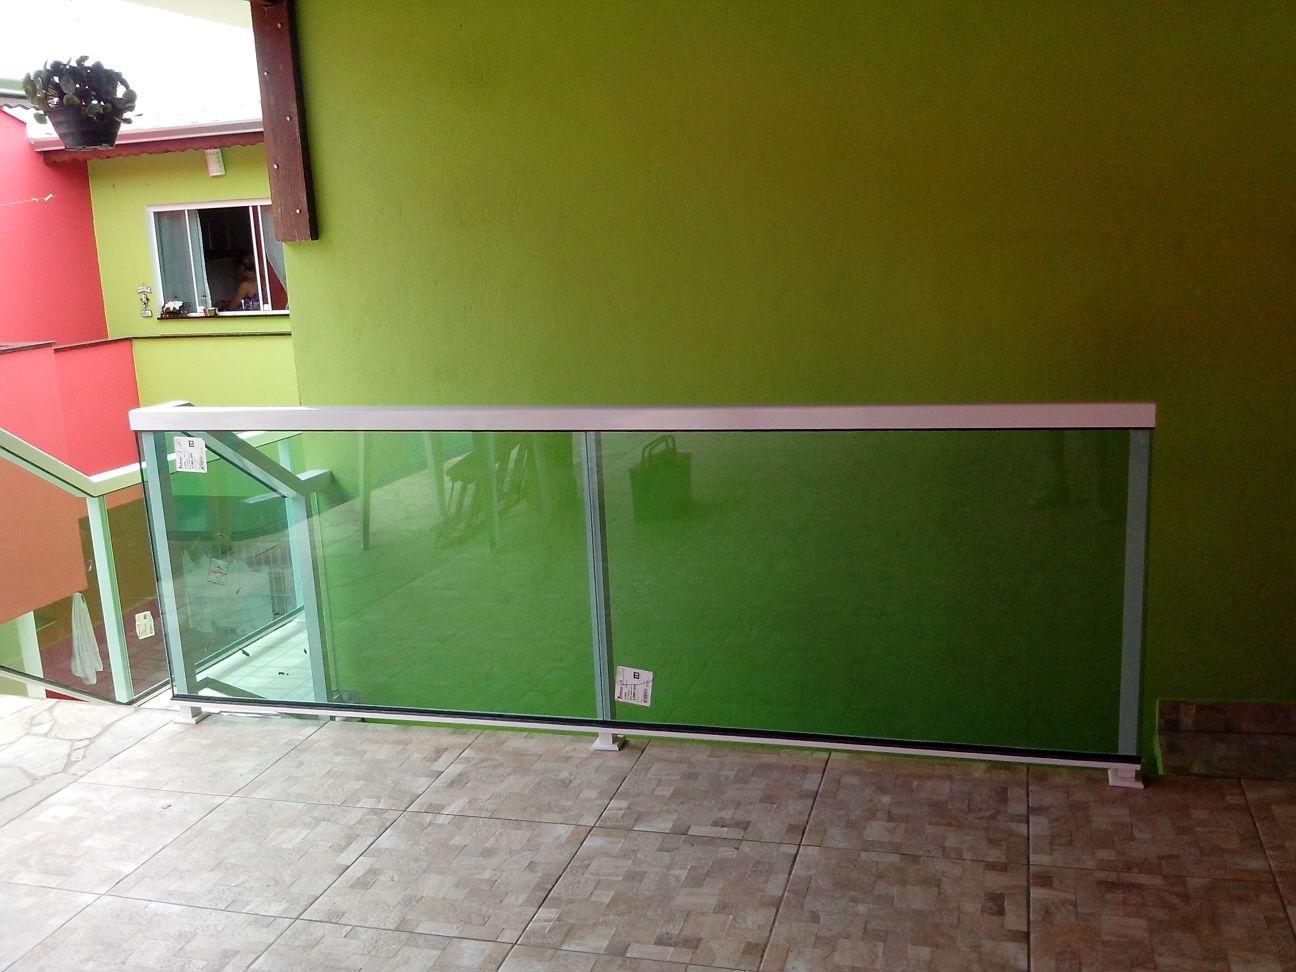 Preciso Fazer Serviços de Vidraçaria na Mooca - Vidraçaria em São Paulo